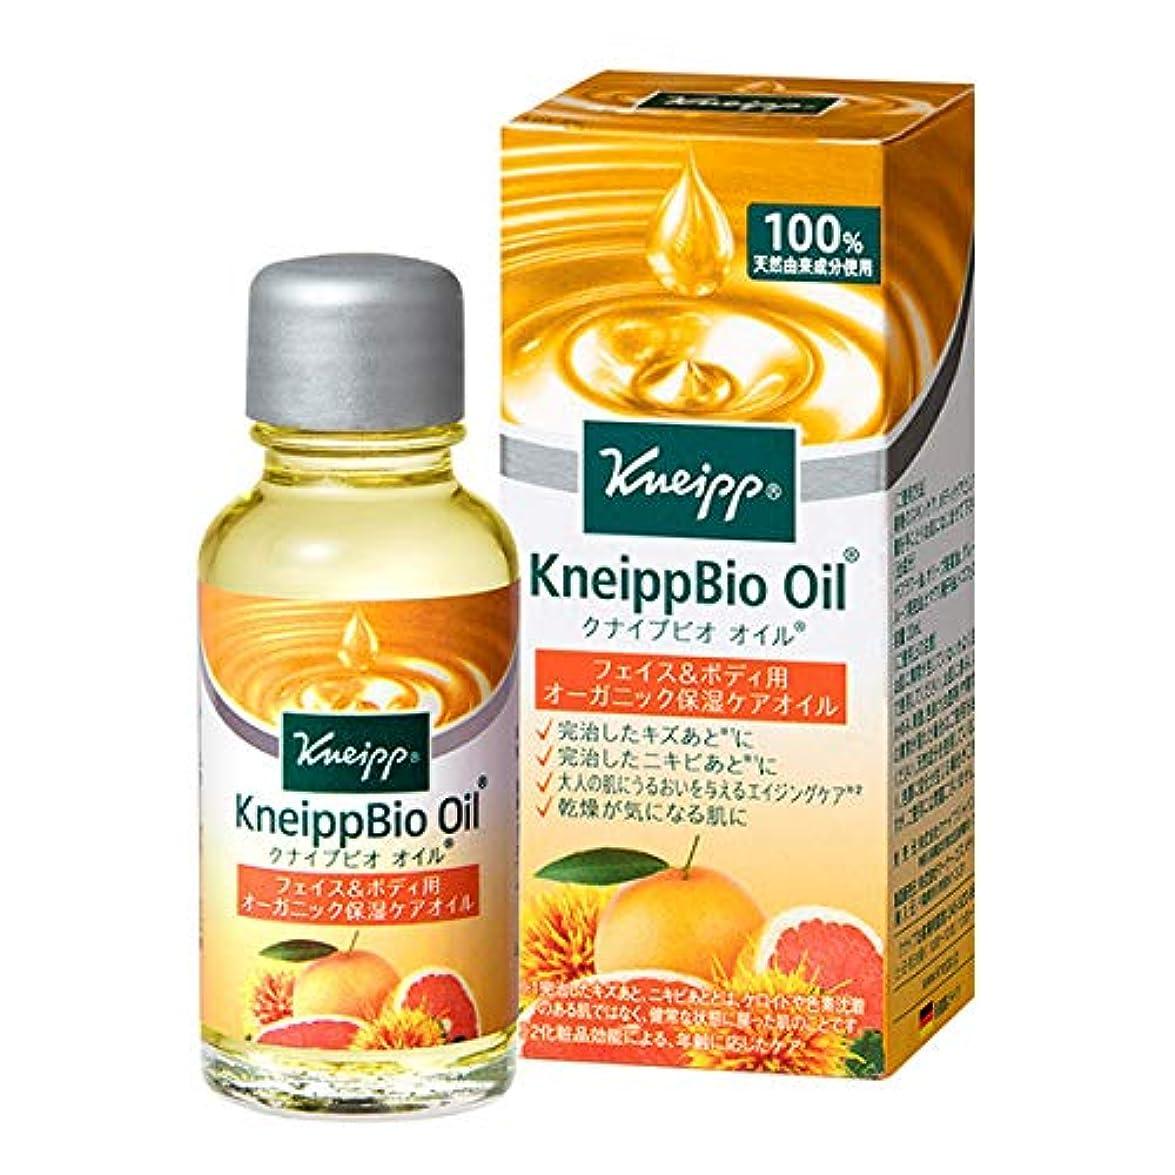 品染料ルーキークナイプ(Kneipp) クナイプビオ オイル20mL 美容液